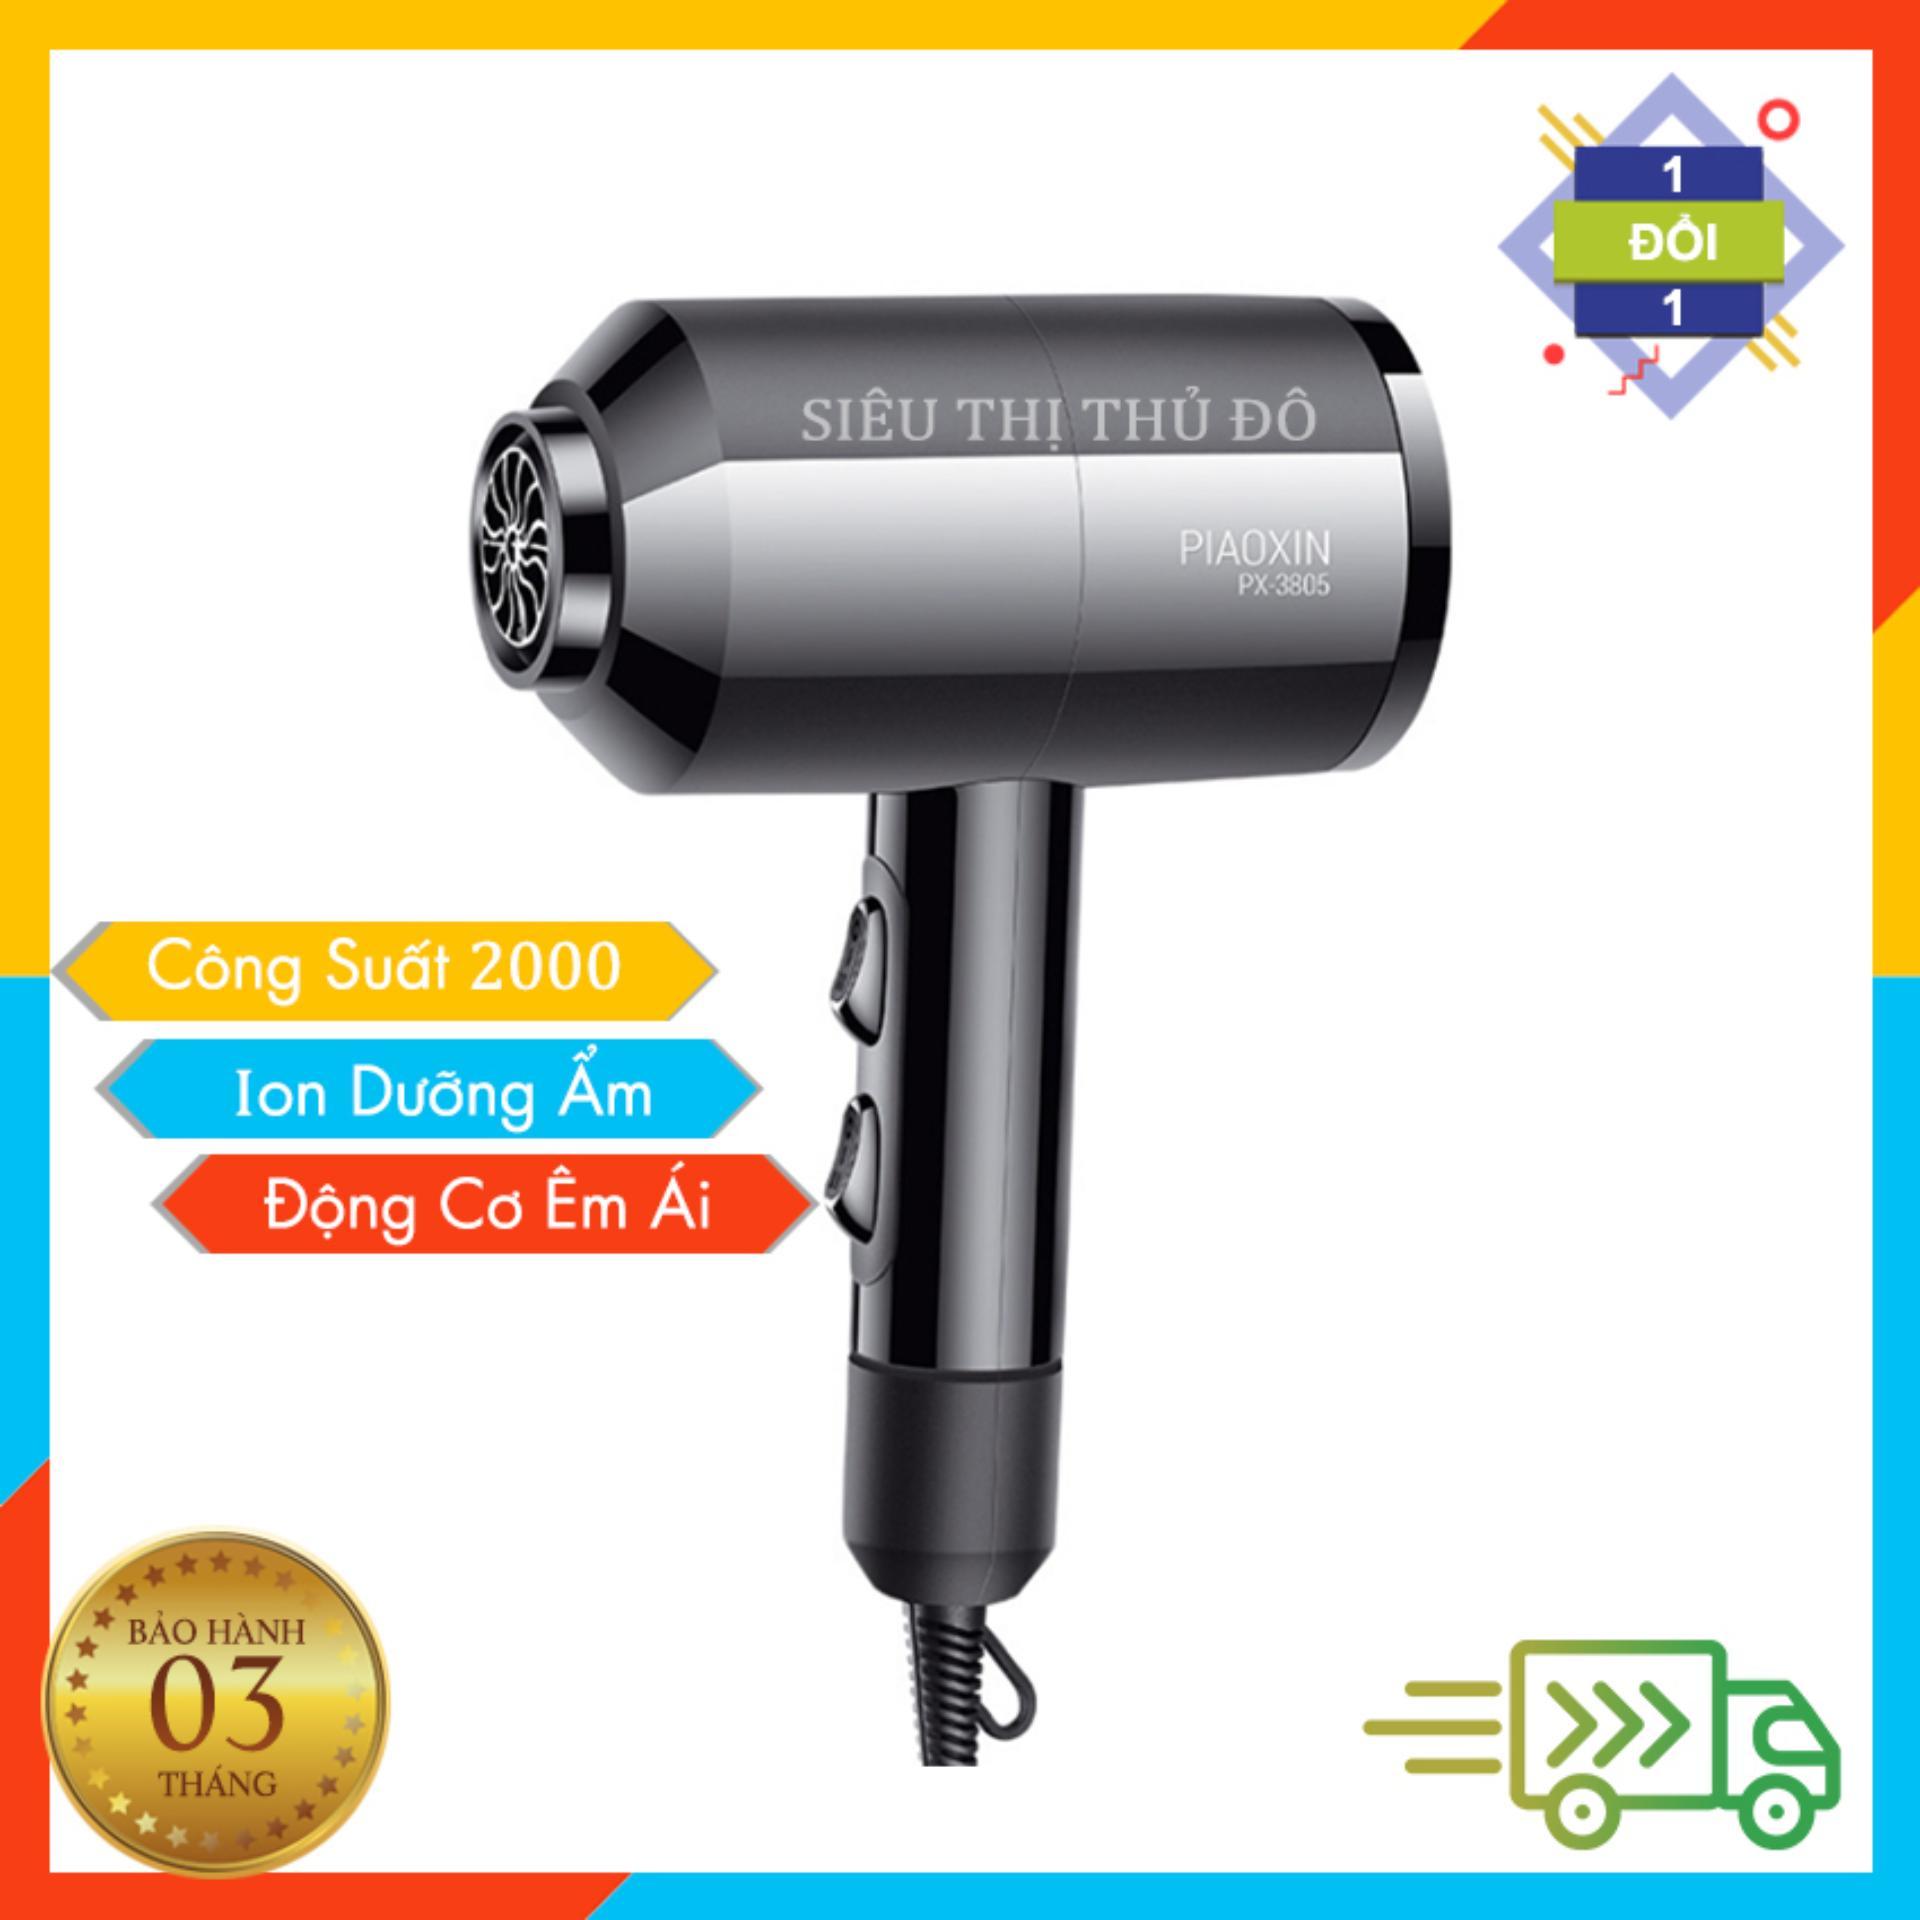 Máy sấy tóc PIAOXIN PX-3805(Đen) chính hãng